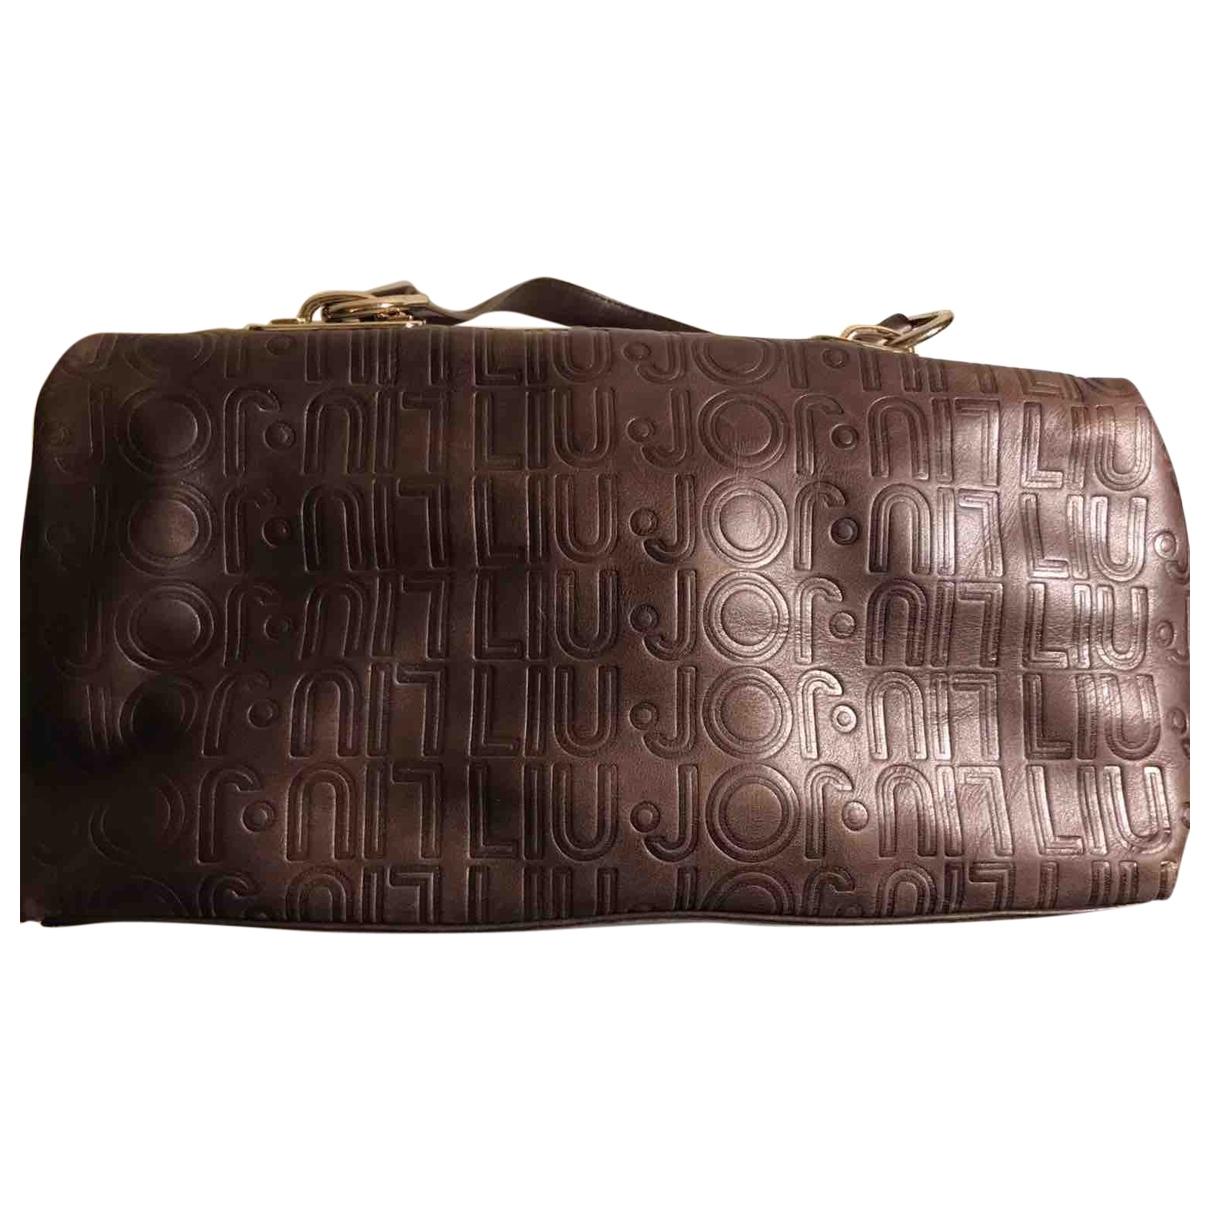 Liu.jo \N Handtasche in  Braun Leder